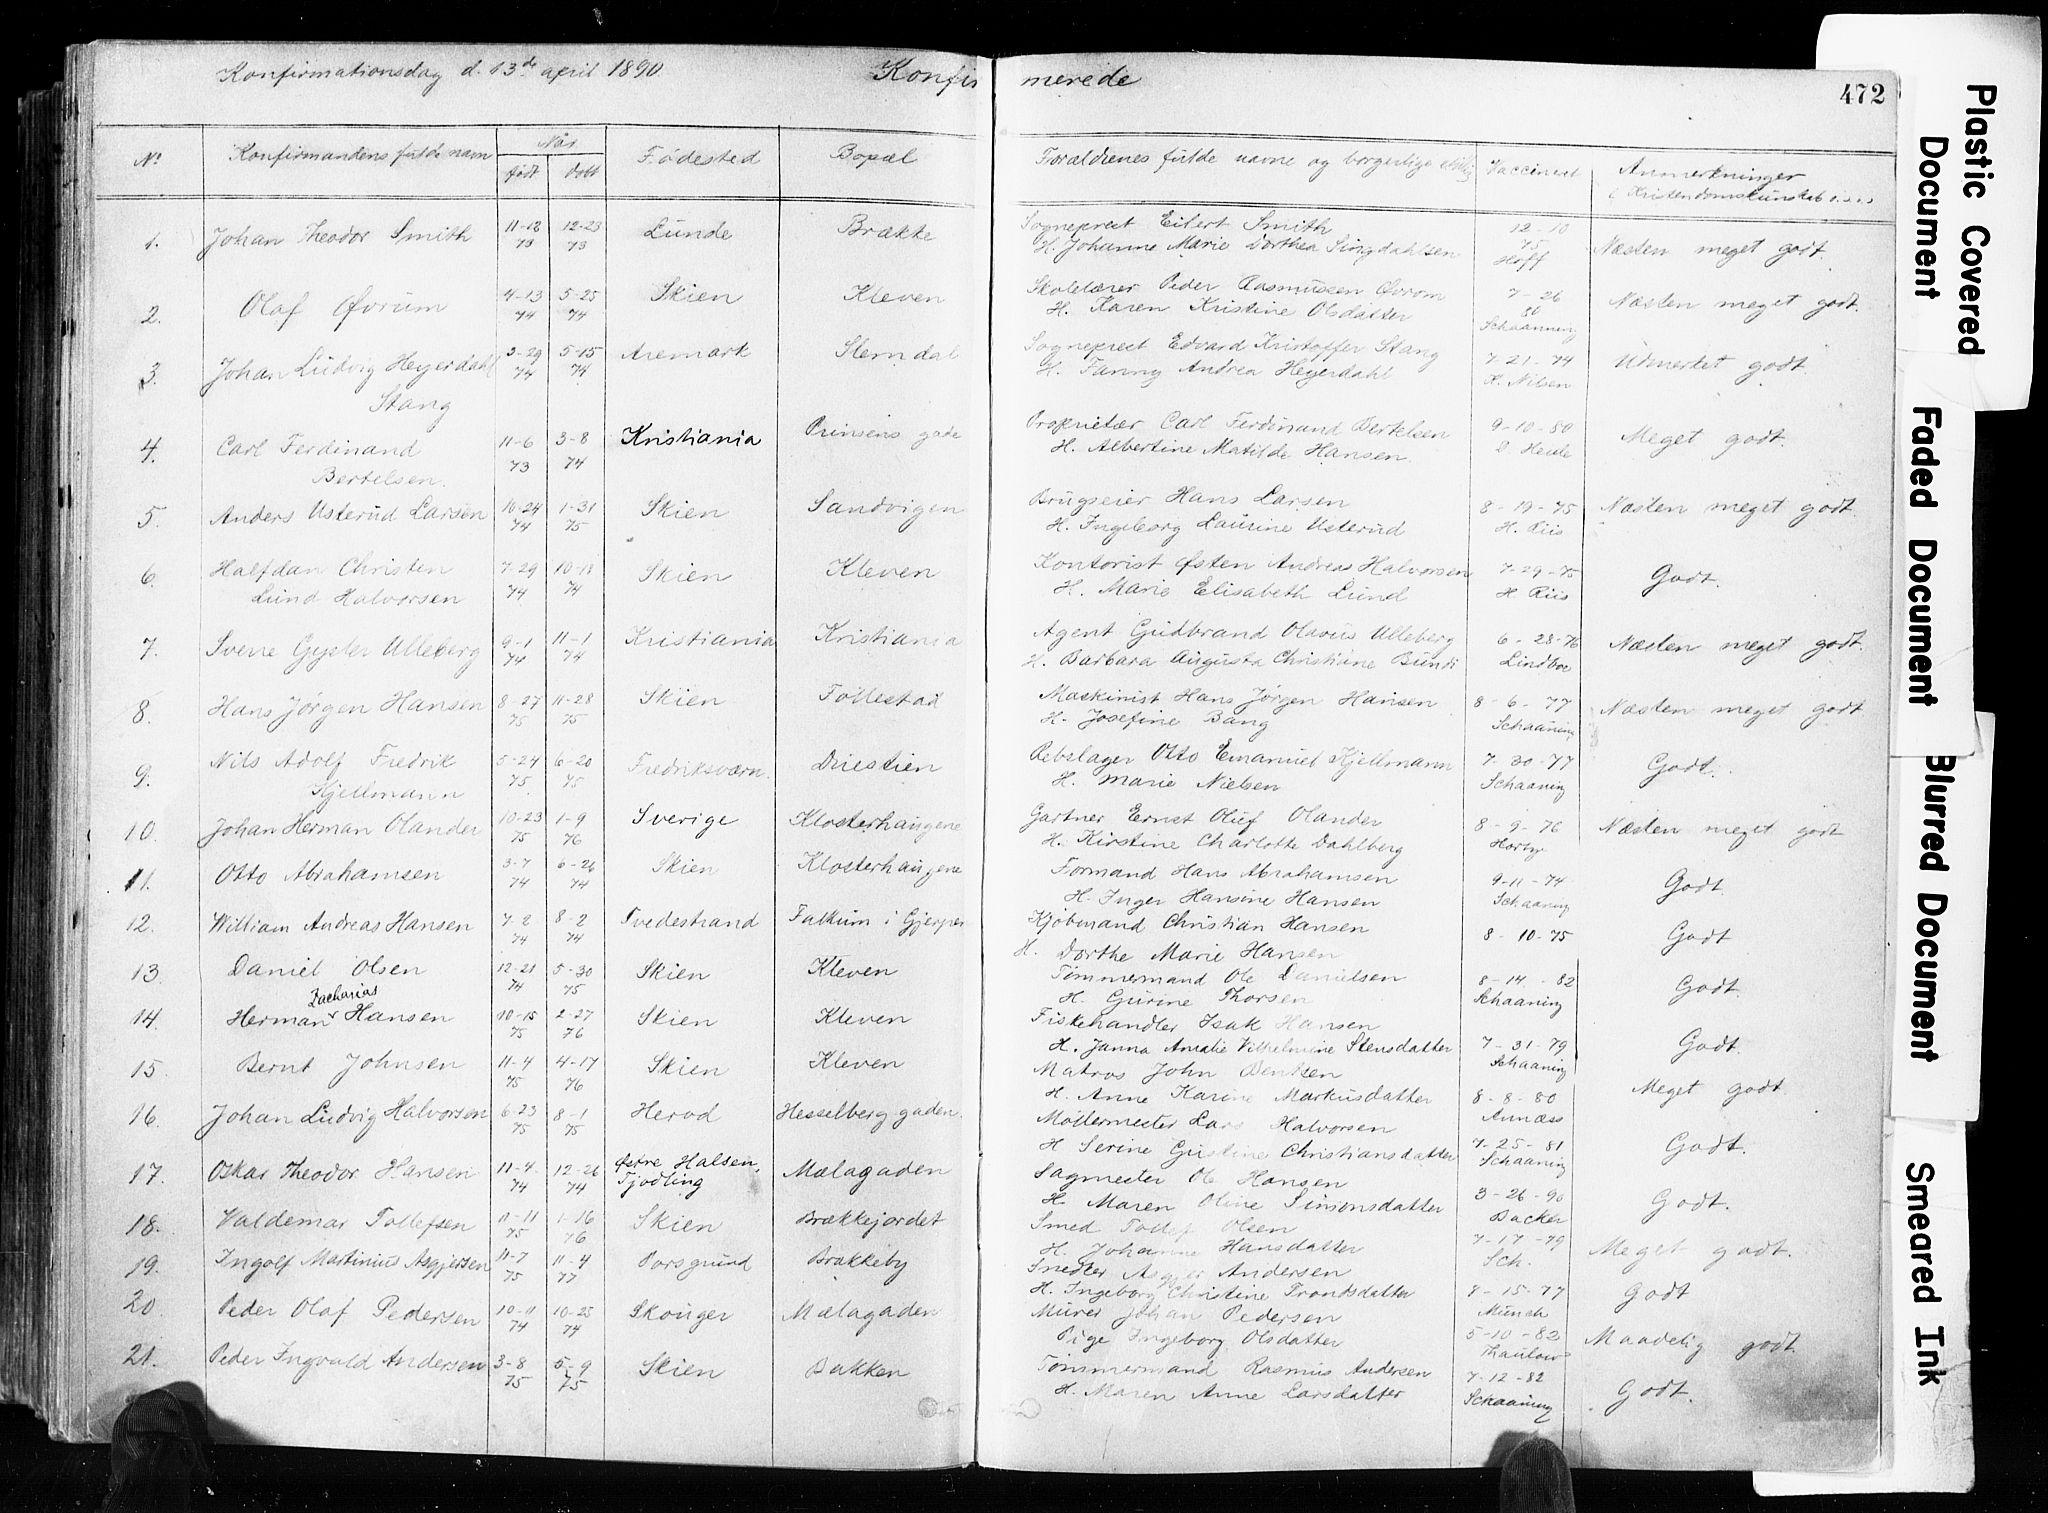 SAKO, Skien kirkebøker, F/Fa/L0009: Ministerialbok nr. 9, 1878-1890, s. 472